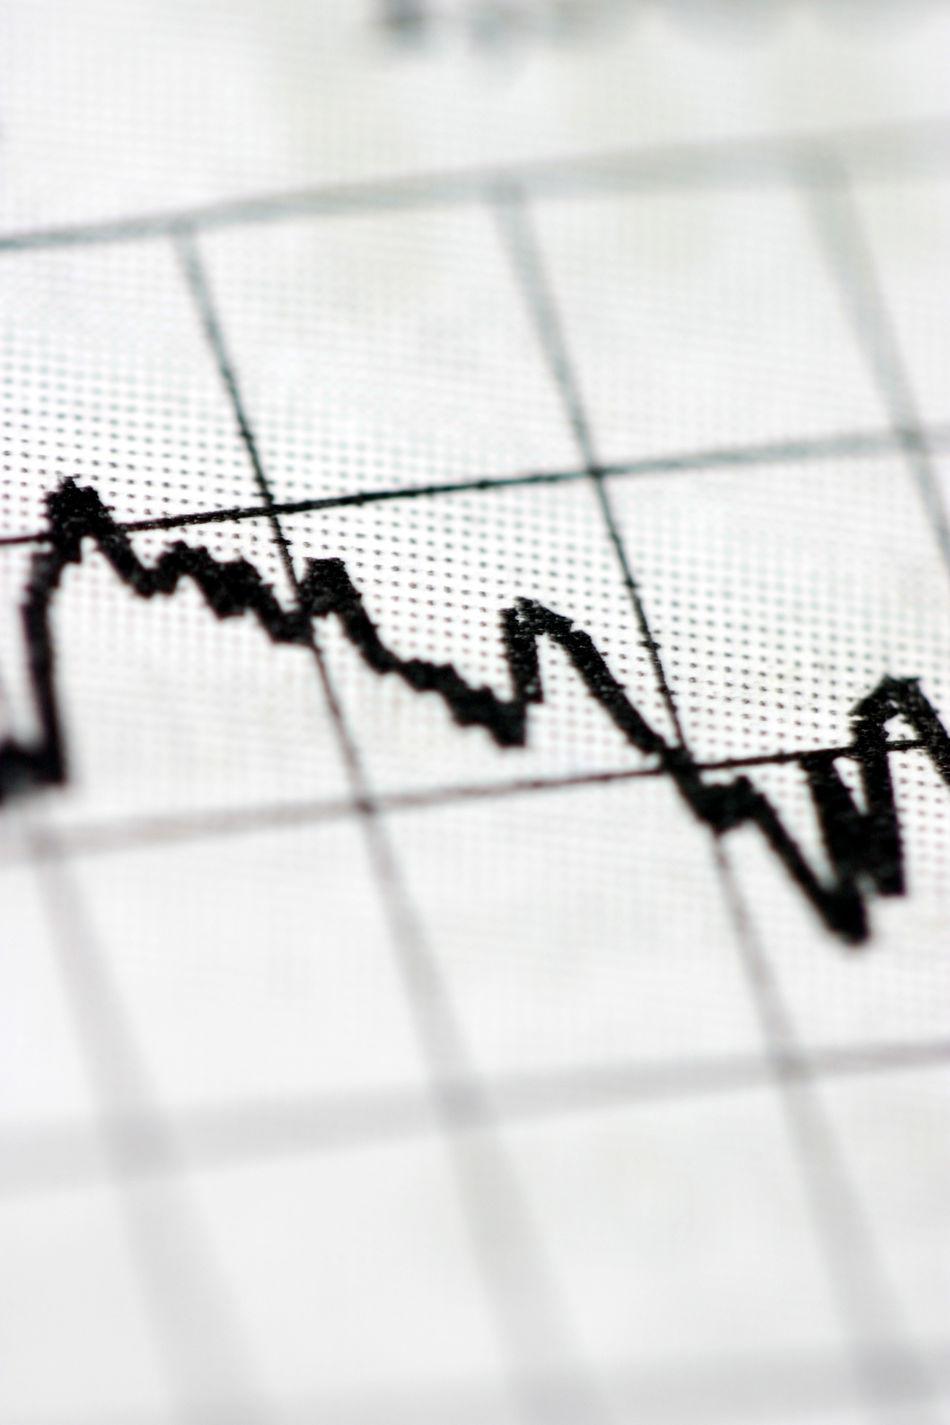 Symbolbild Kursverfall Aktienkurve auf Papier Aktienverlauf Anzeige Art ArtWork Börse Börsenverlauf Geld Gitternetz Kursanzeige Kursverfall Kurve Linie Nach Unten Niedergang Verfall Verlauf Verlust Wert Wertverlust Wirtschaft